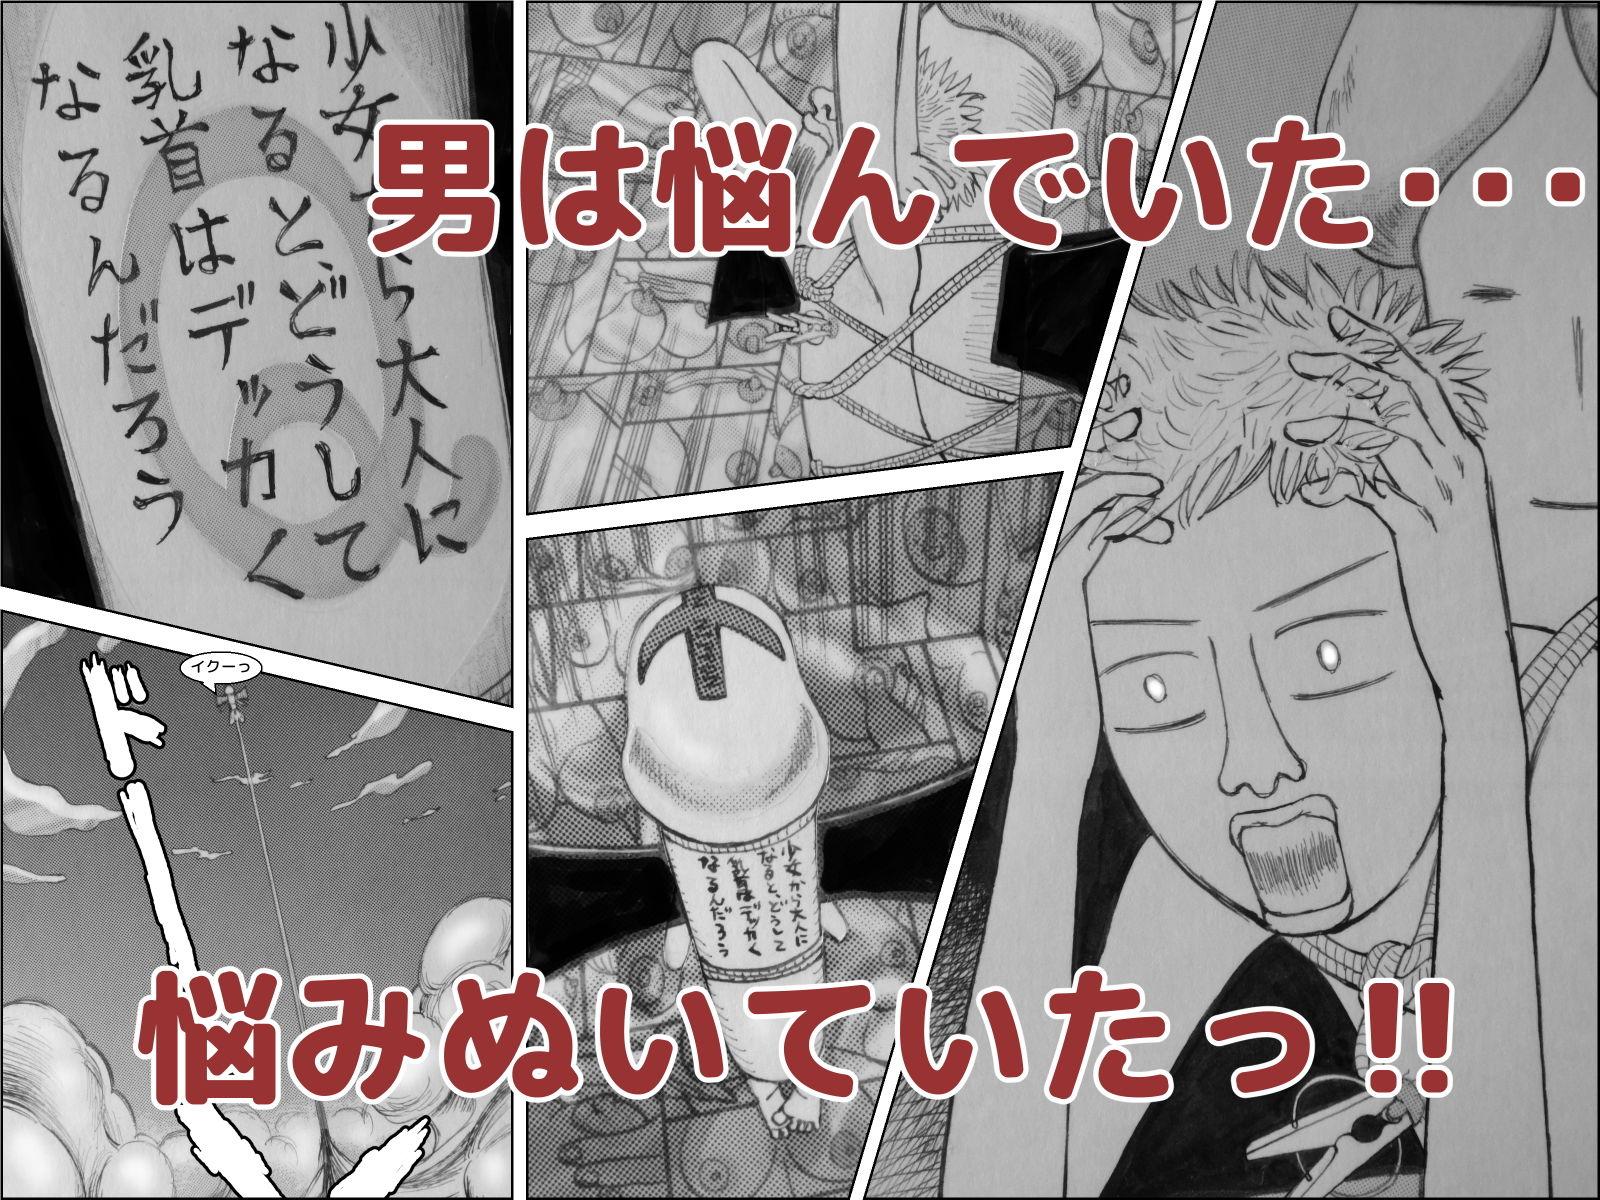 【干し椎茸 同人】乳首3